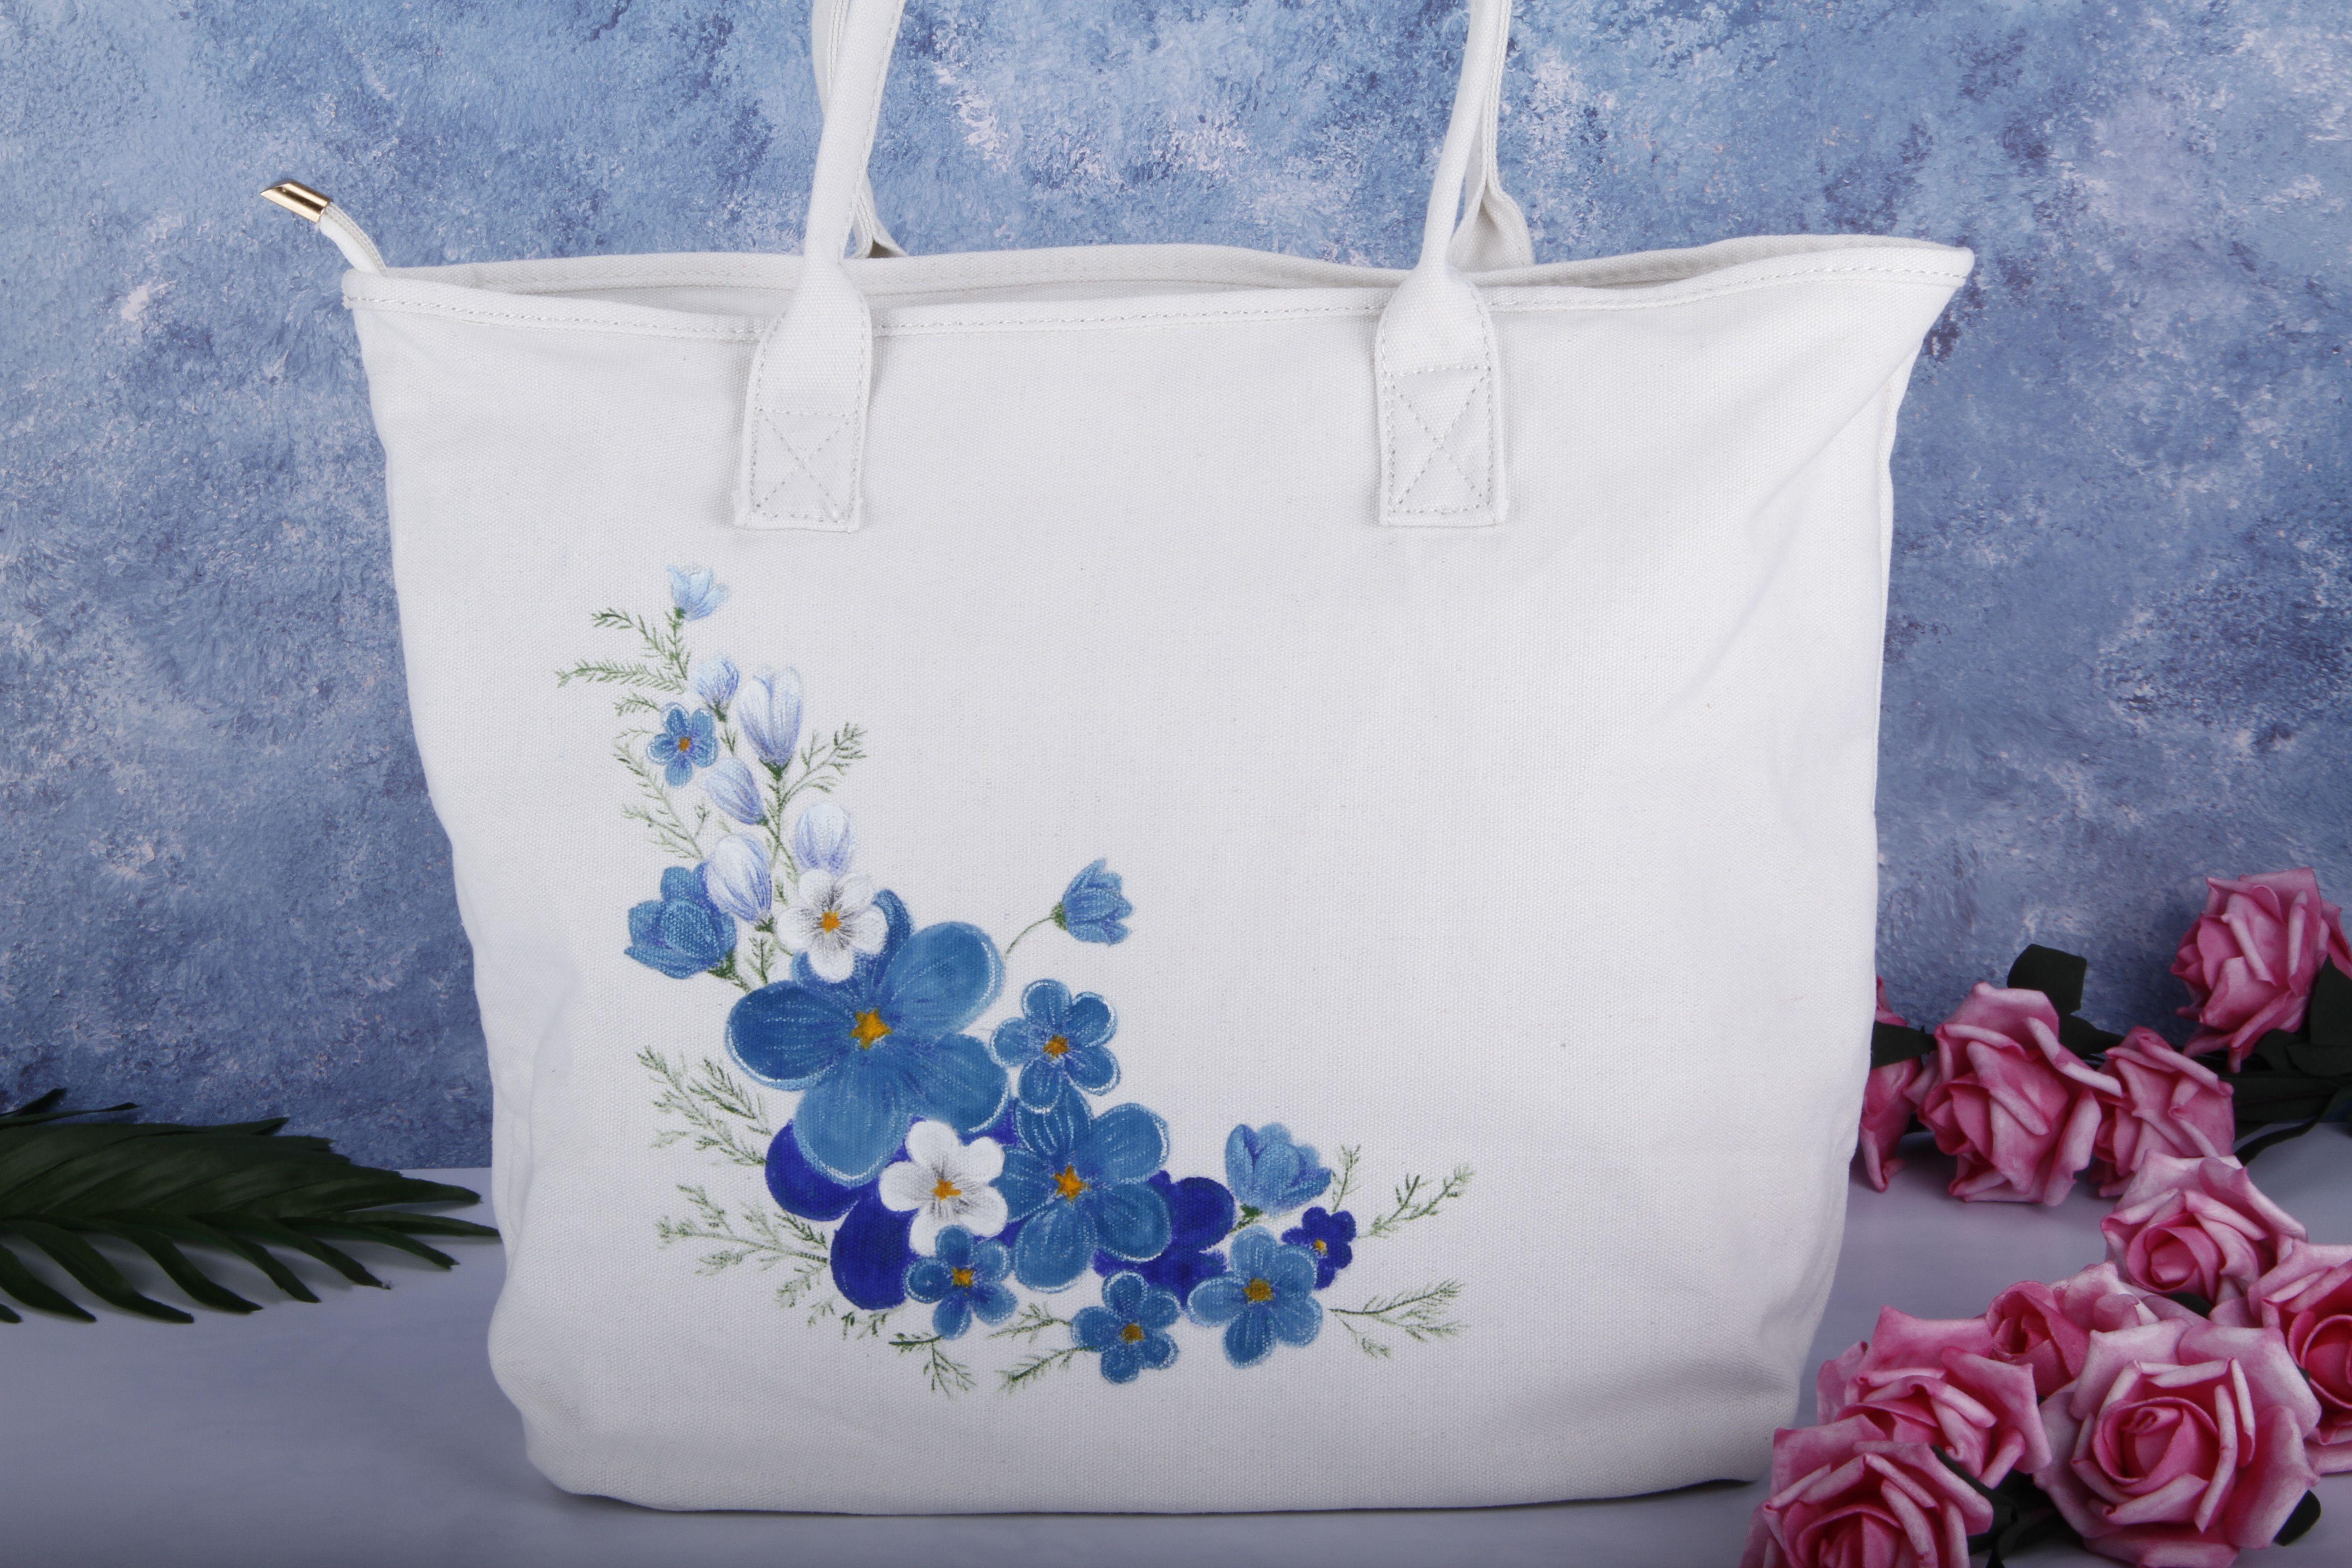 Vintage Blue Floral Large Tote Bag Flower Vegan Bag Organic Cotton